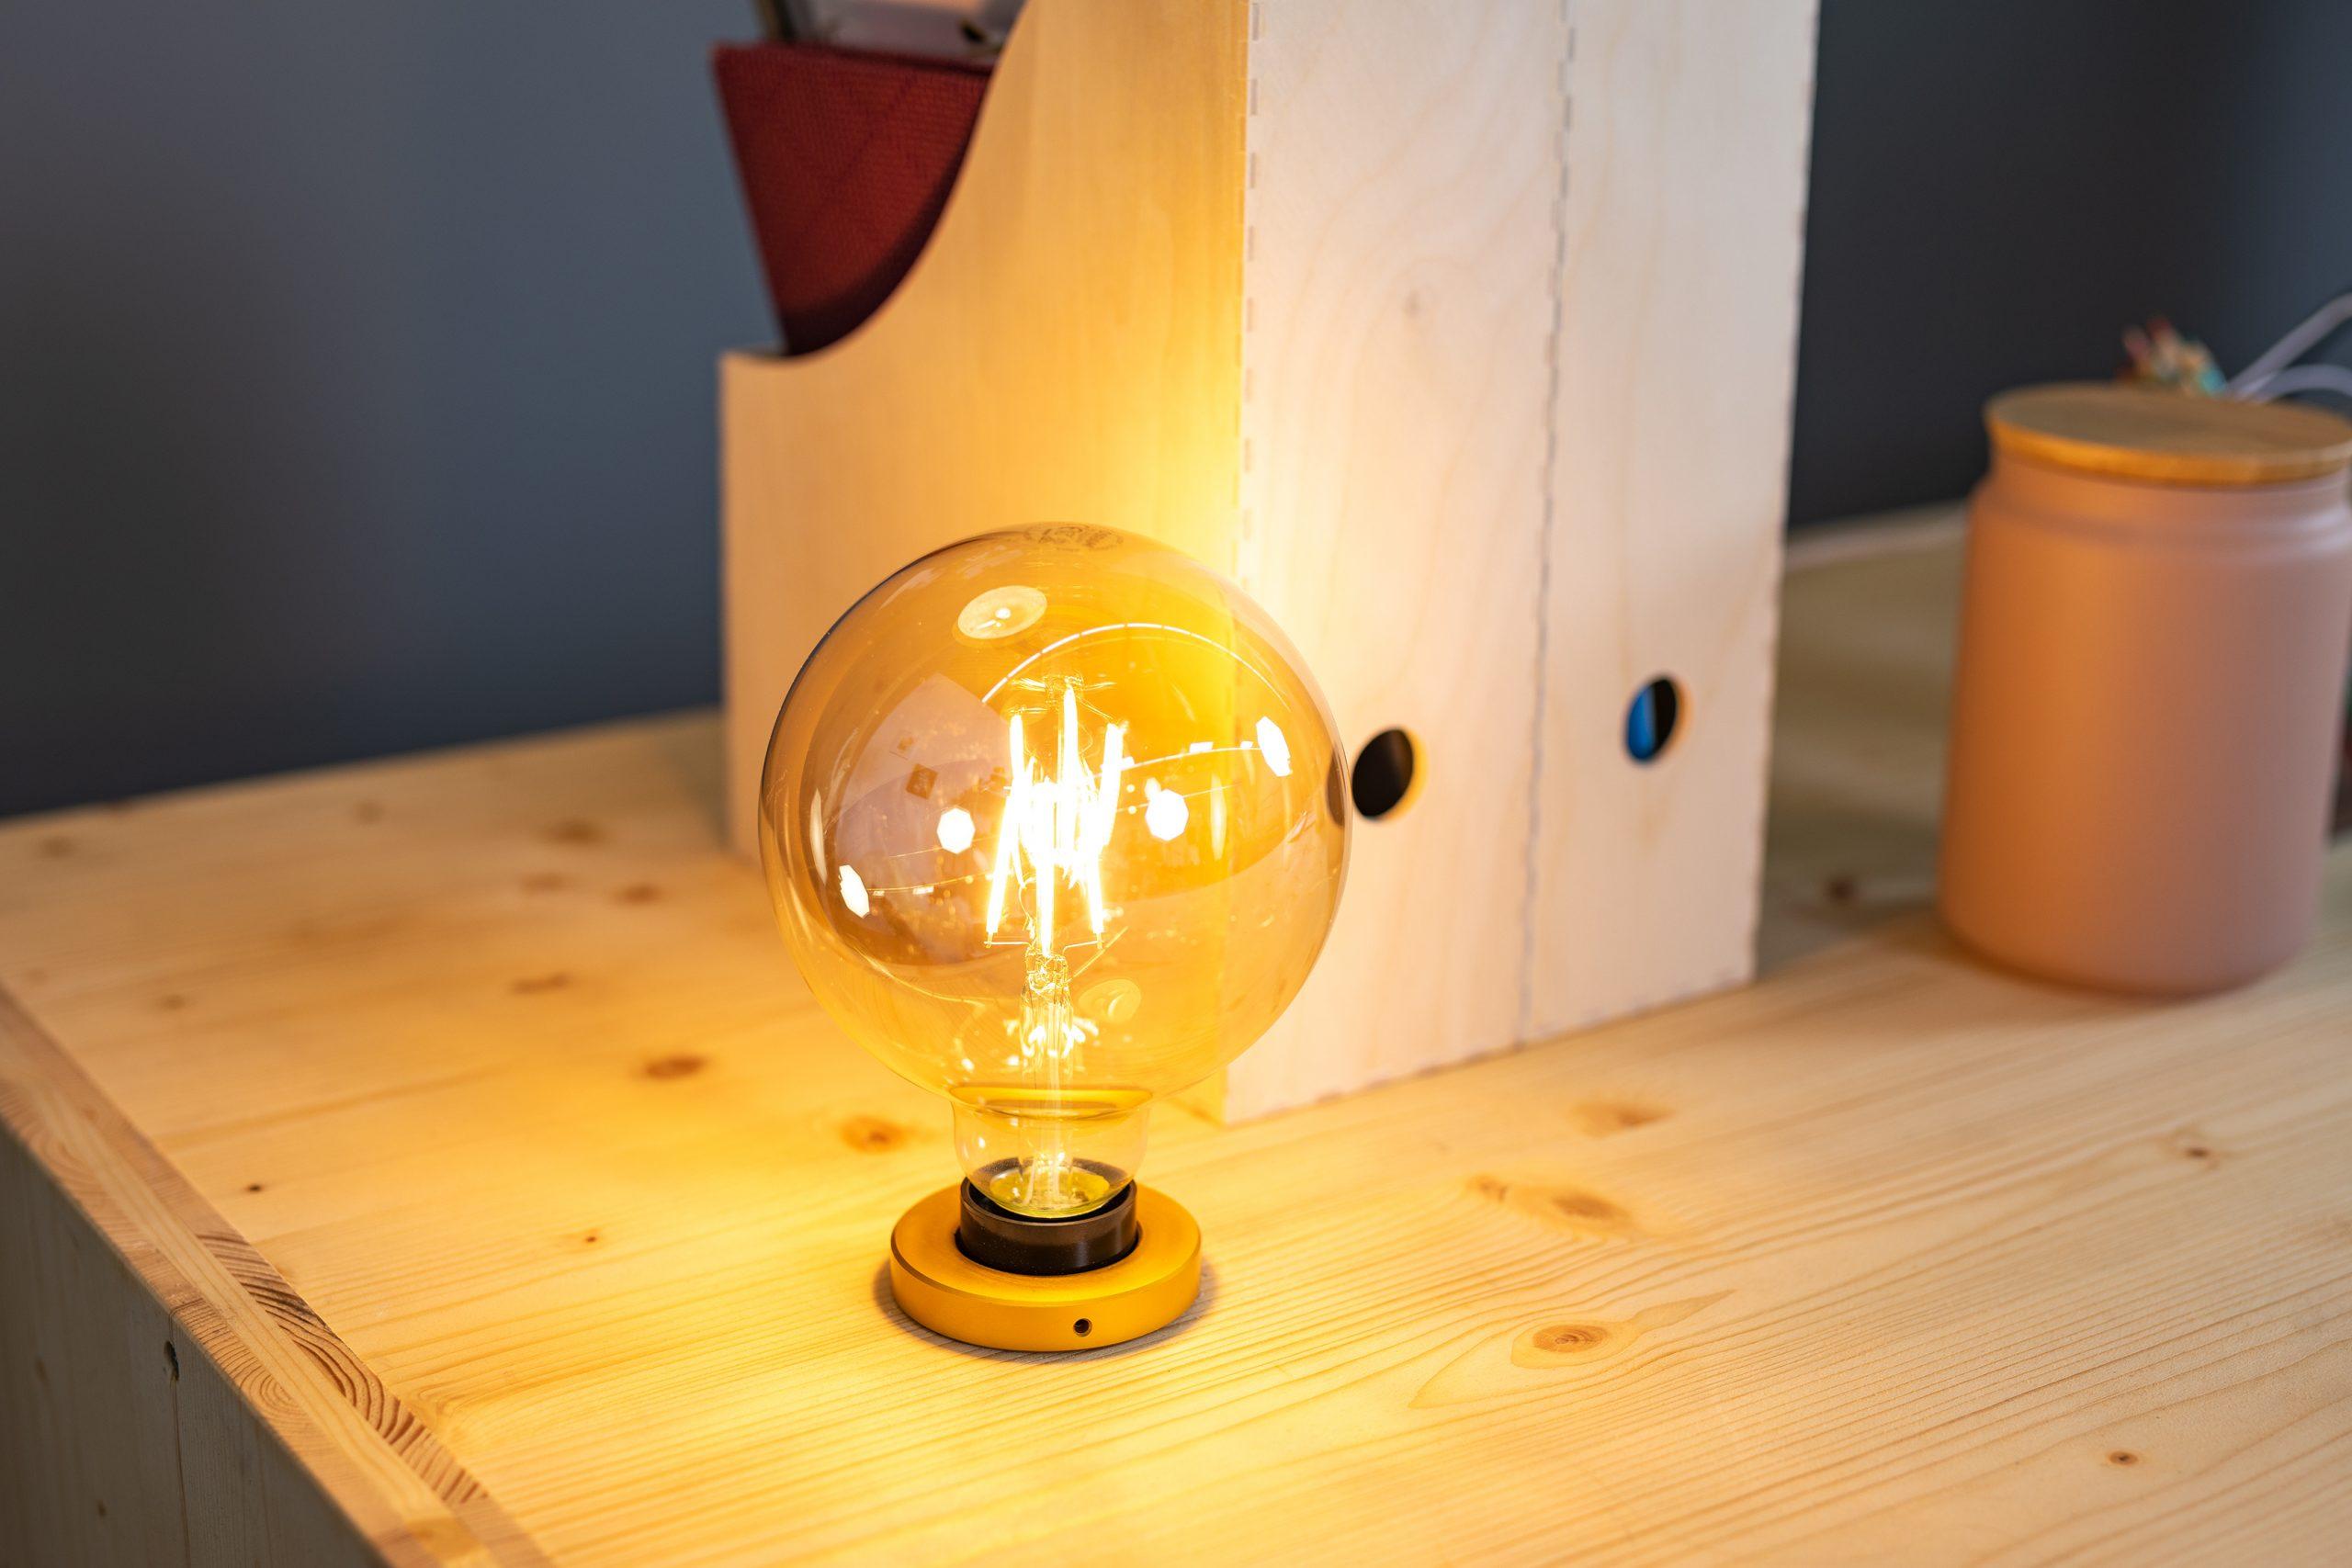 Full Size of Deckenlampe Selber Bauen Lampe Ideen Und Tipps Obi Bodengleiche Dusche Nachträglich Einbauen Deckenlampen Wohnzimmer Modern Regale Velux Fenster Pool Im Wohnzimmer Deckenlampe Selber Bauen